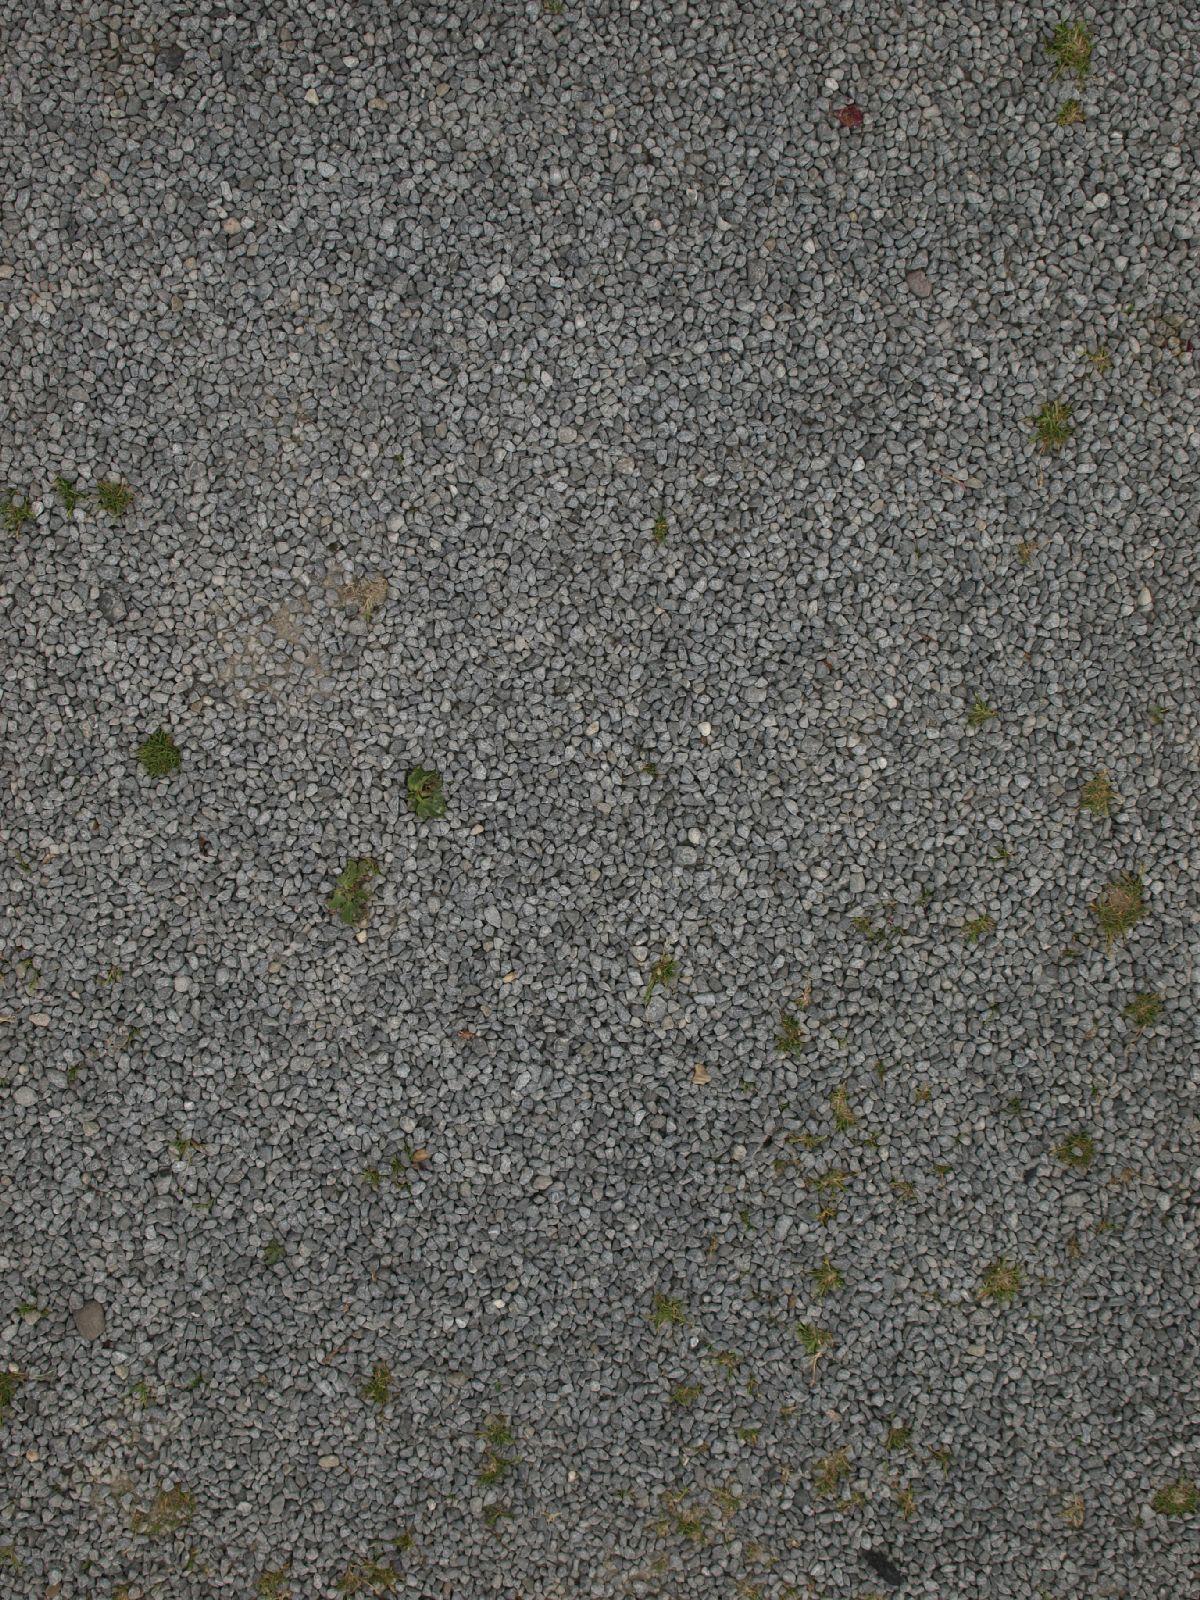 Boden-Gehweg-Strasse-Buergersteig-Textur_A_P5315435